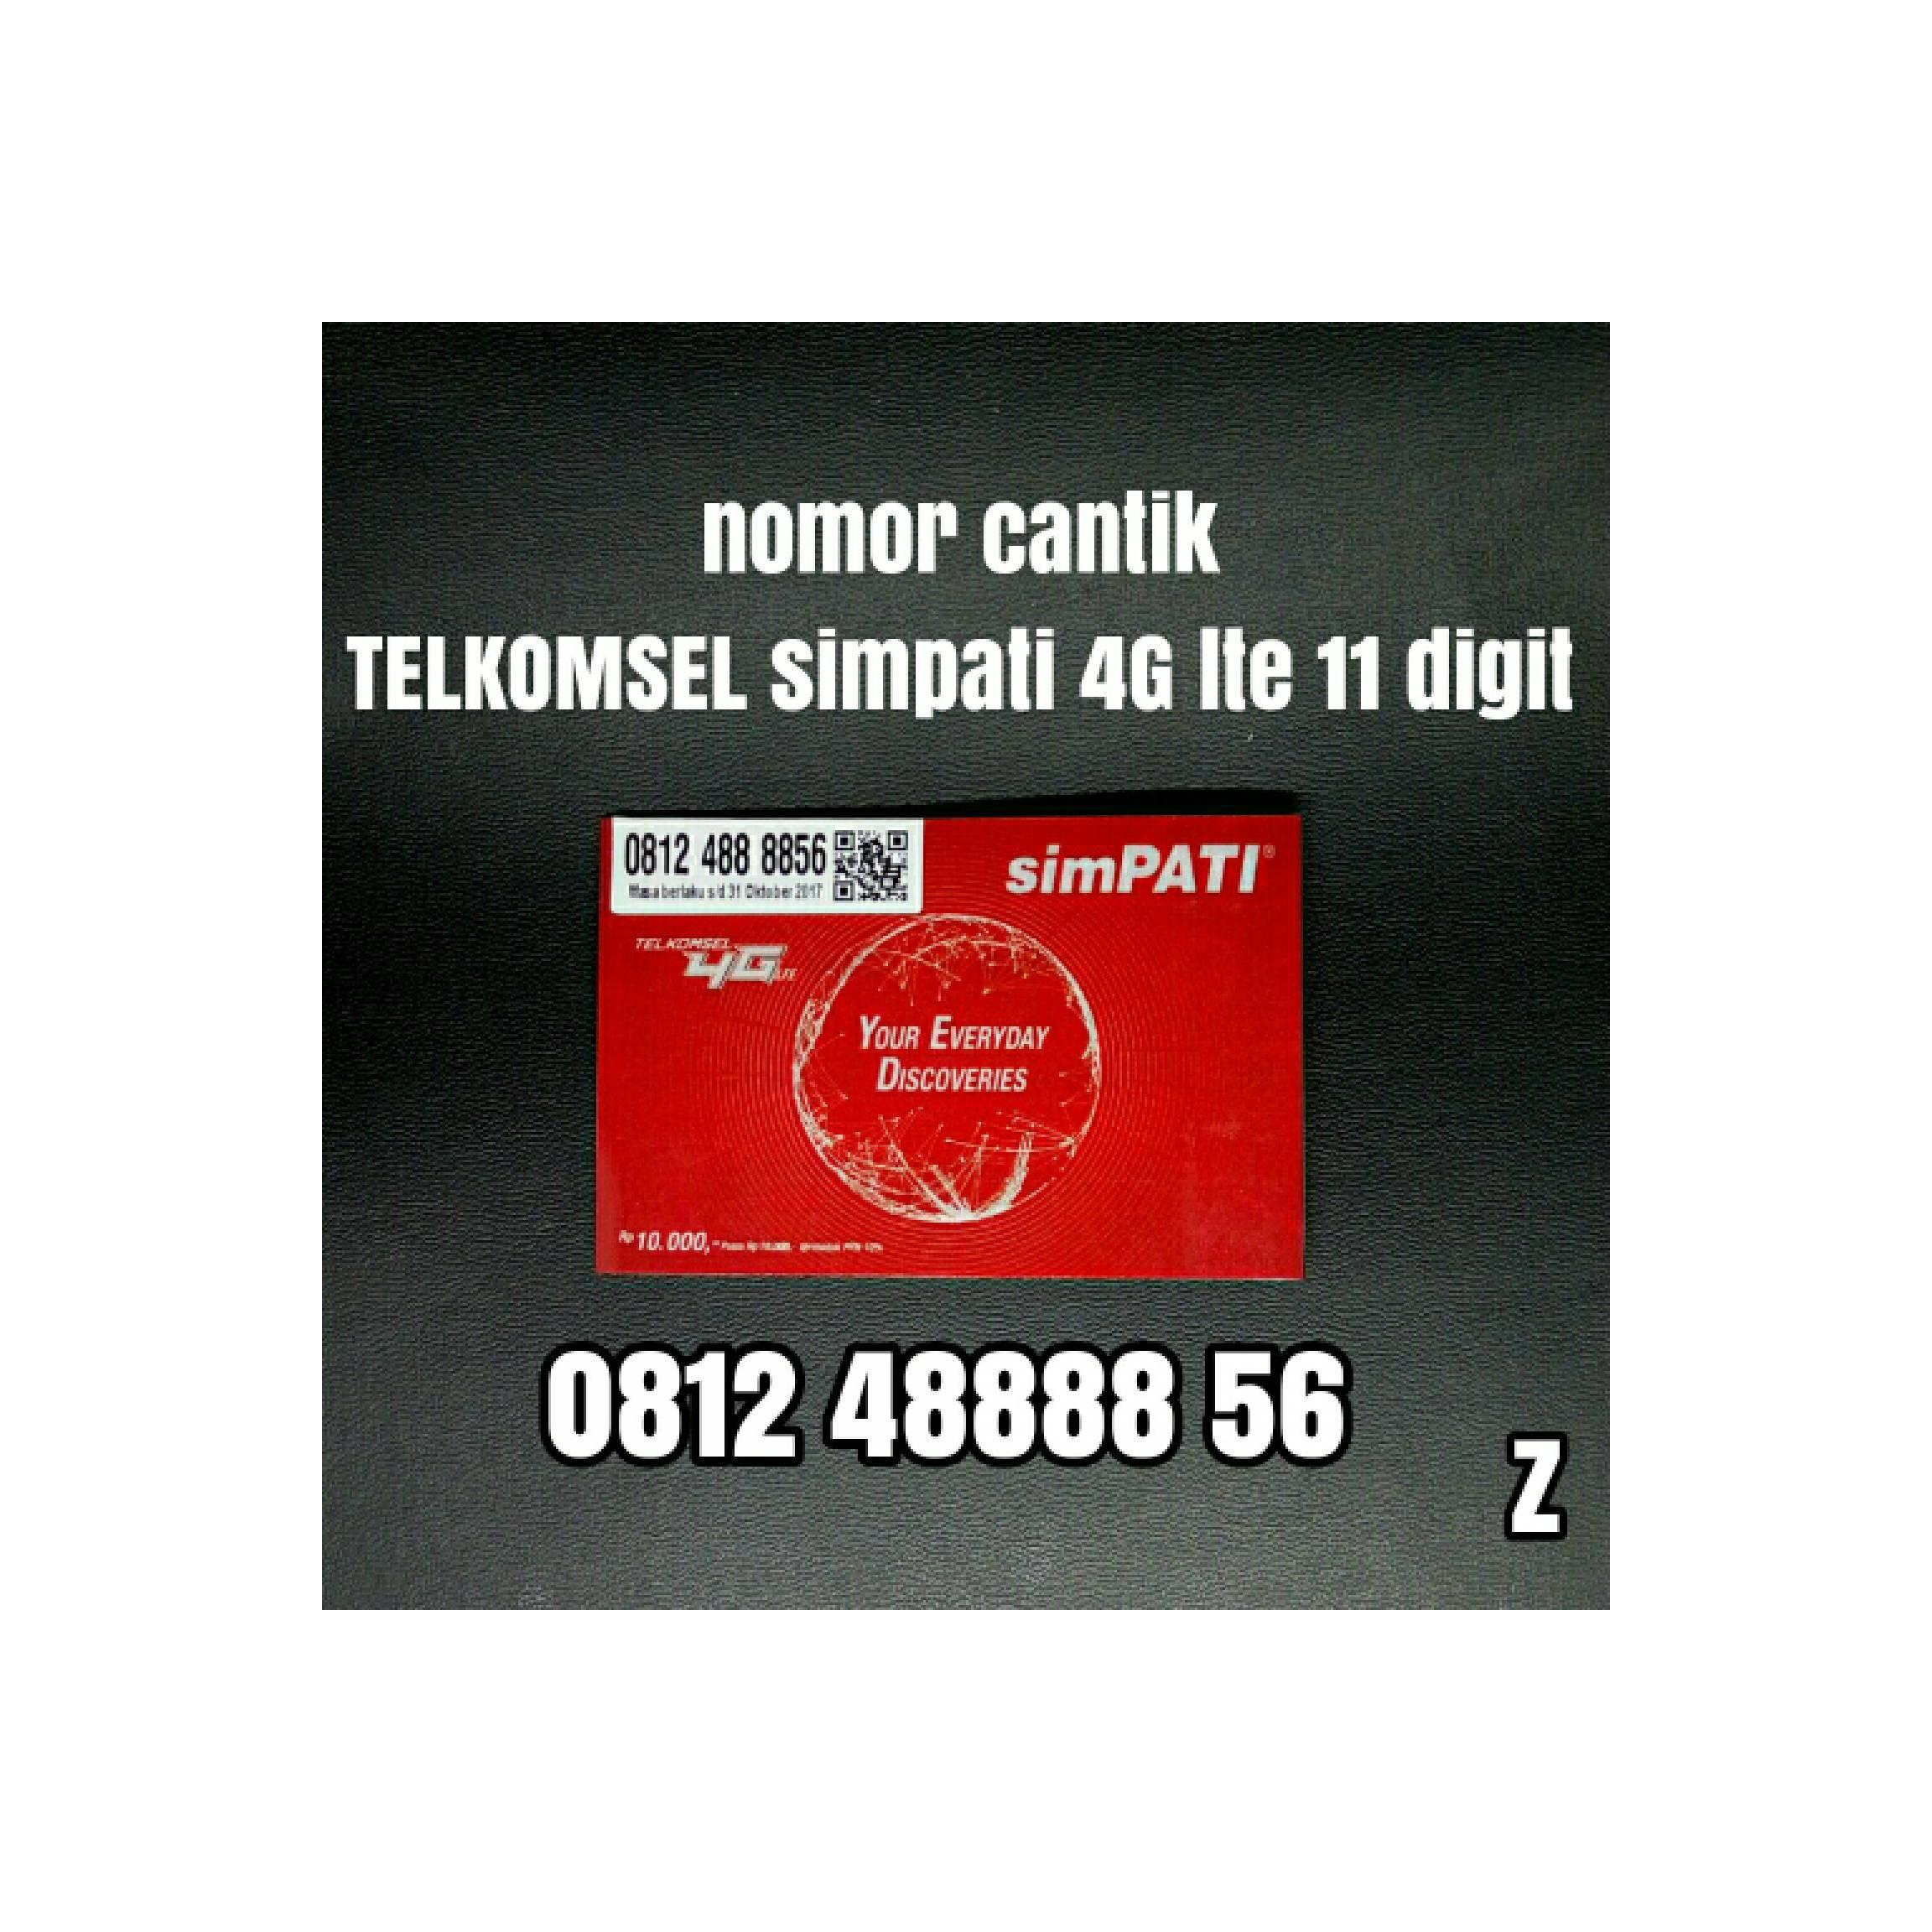 Kehebatan Kartu Perdana Simpati Internet 11gb Dan Harga Update Nomer Nomor Cantik 11 Digit Telkomsel 4g 856